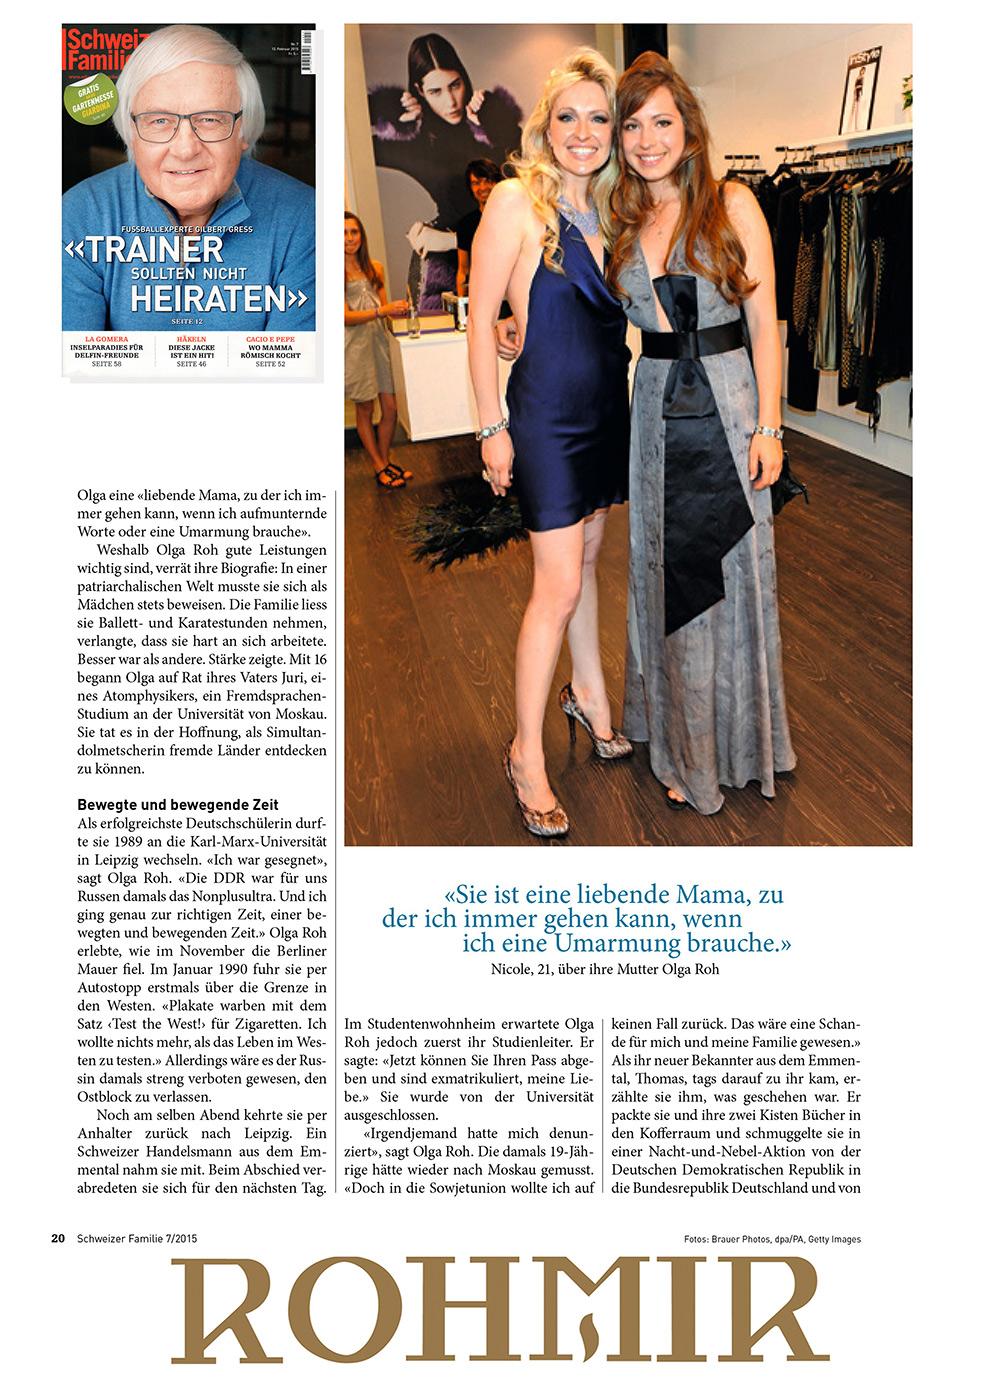 Schweizer-Familie-Feb-2015-PAGE-2